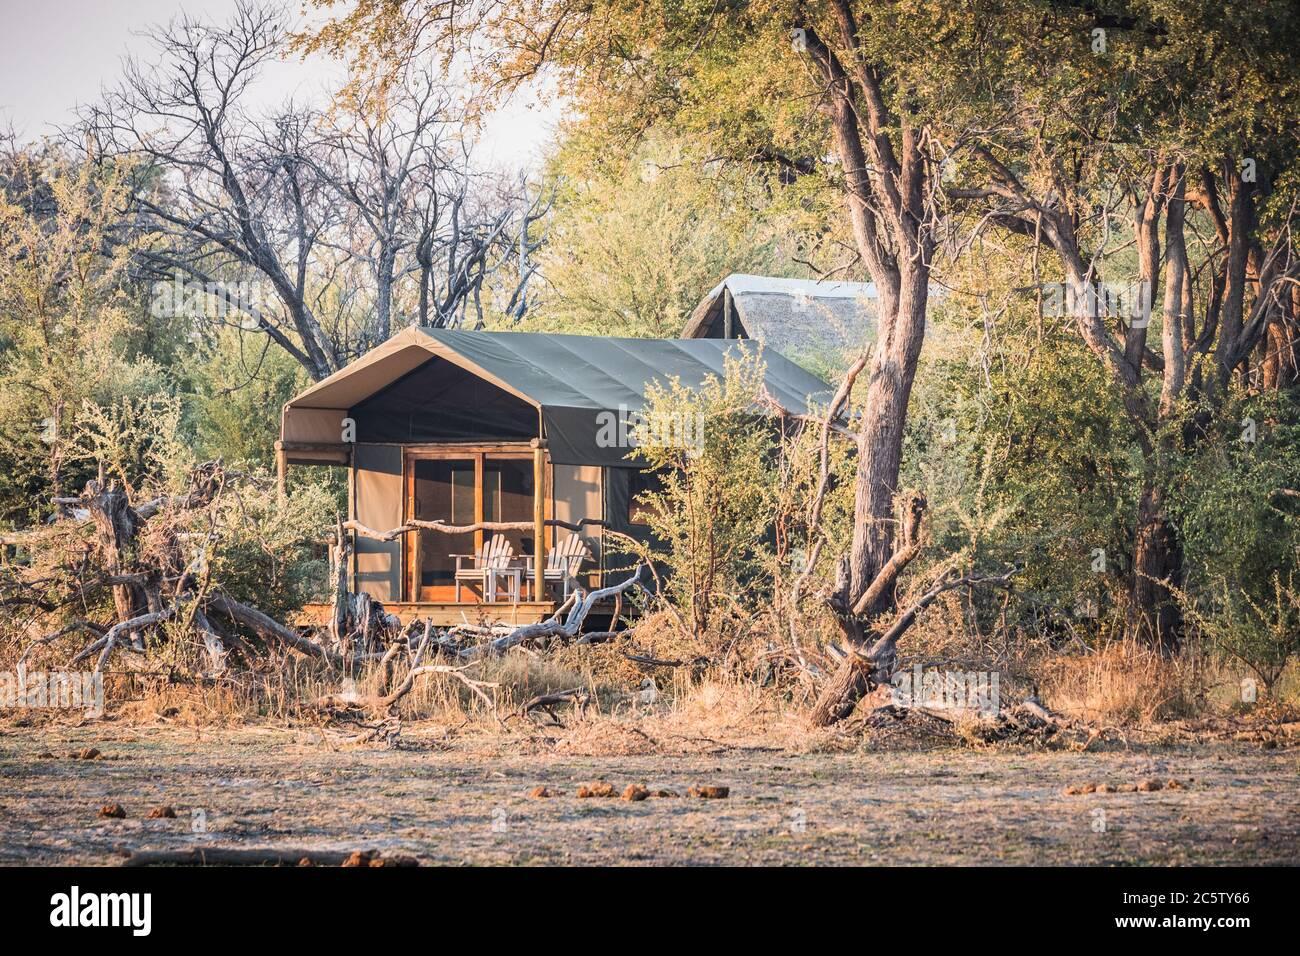 Tente de luxe Safari dans un camp de tentes dans le delta d'Okavango près de Maun, Botswana, Afrique Banque D'Images